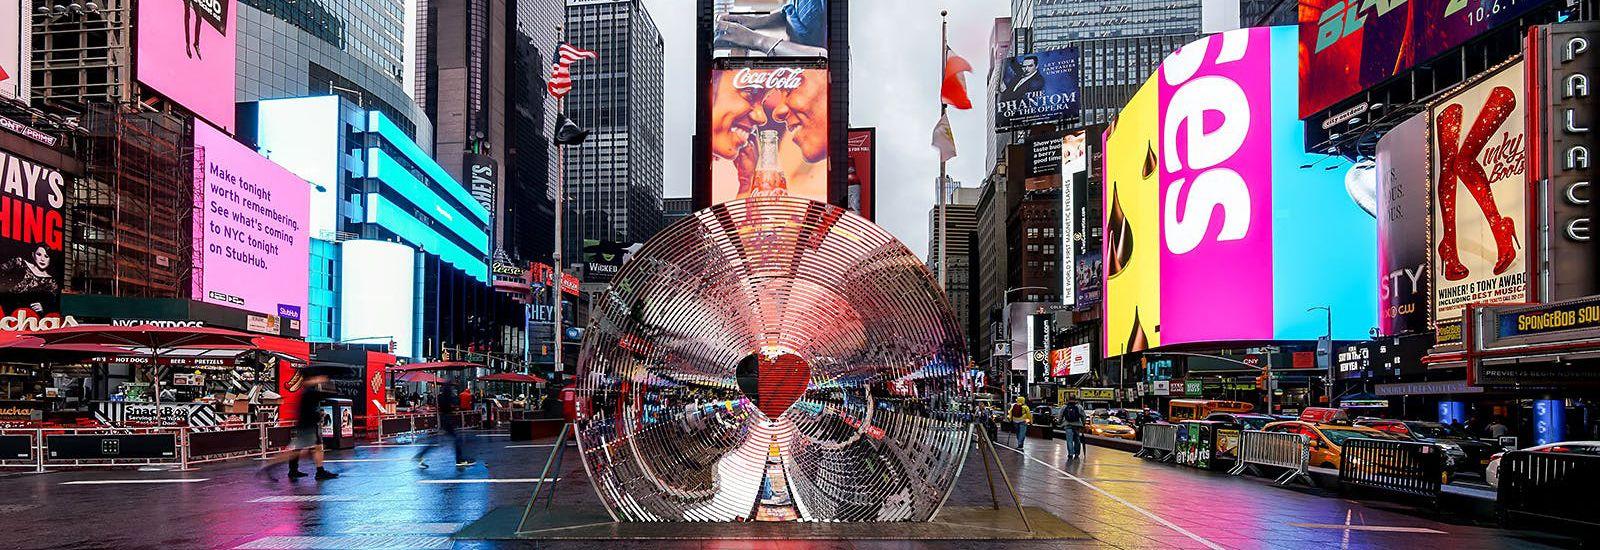 پرینت سه بعدی SLA طرح برگزیده روز ولنتاین 2018 در میدان تایمز نیویورک 1